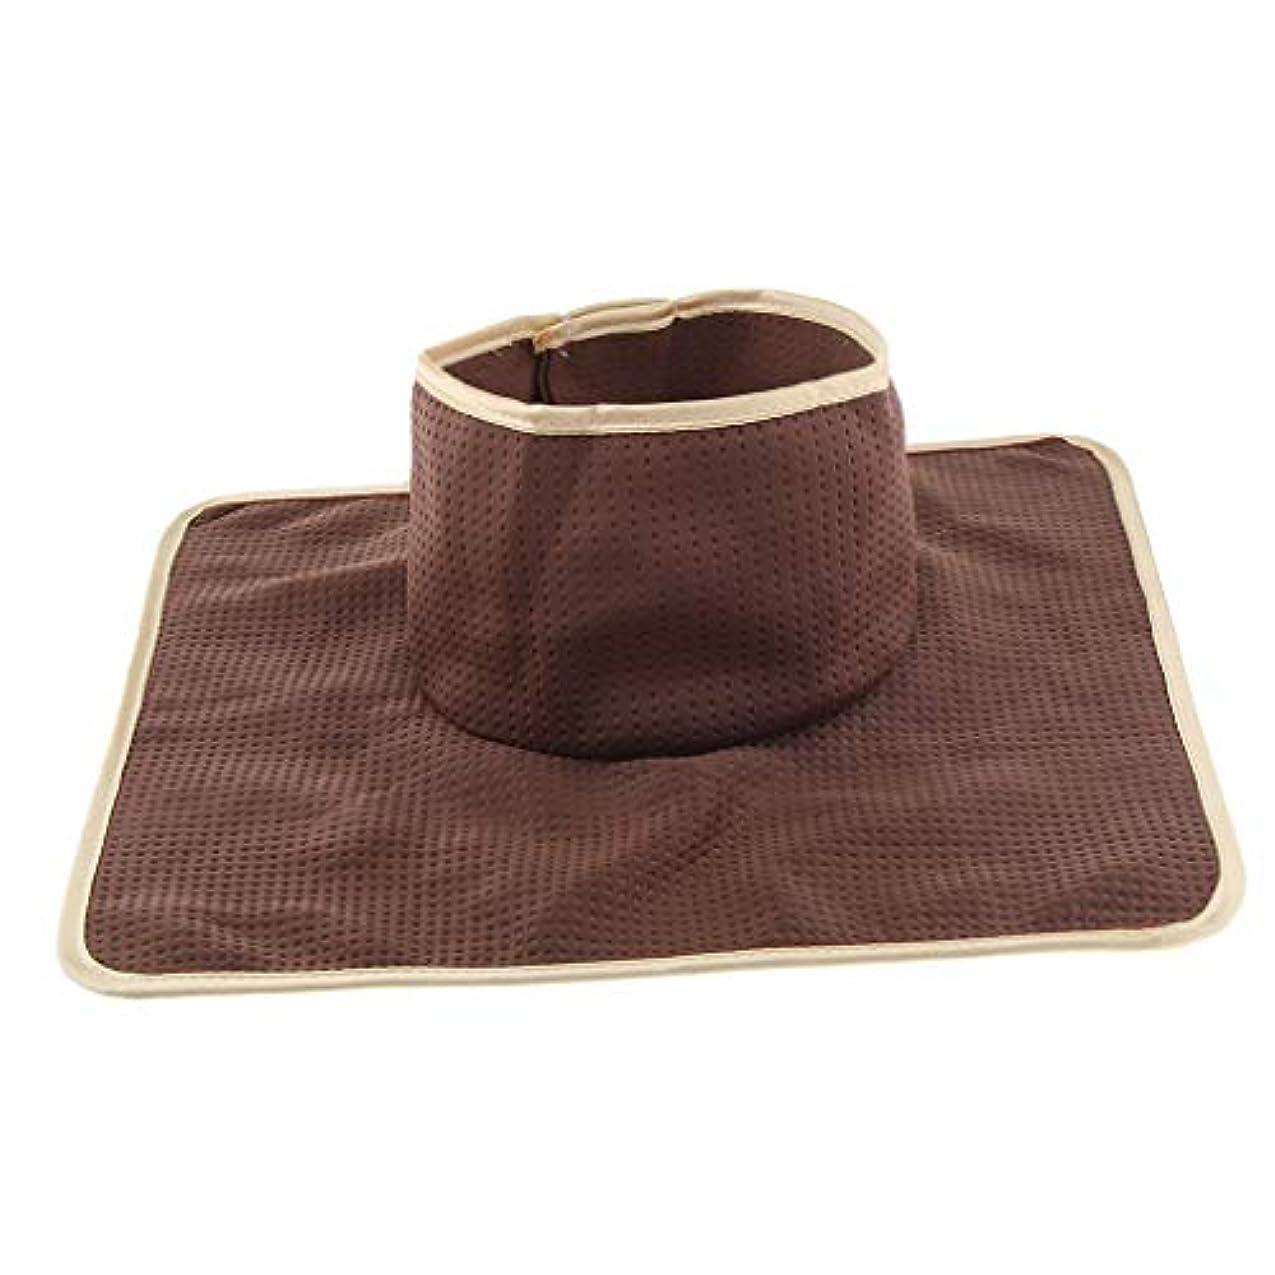 側面オーディション雄弁家マッサージベッド サロンテーブル シート パッド 頭の穴 洗濯可能 約35×35cm 全3色 - コーヒー